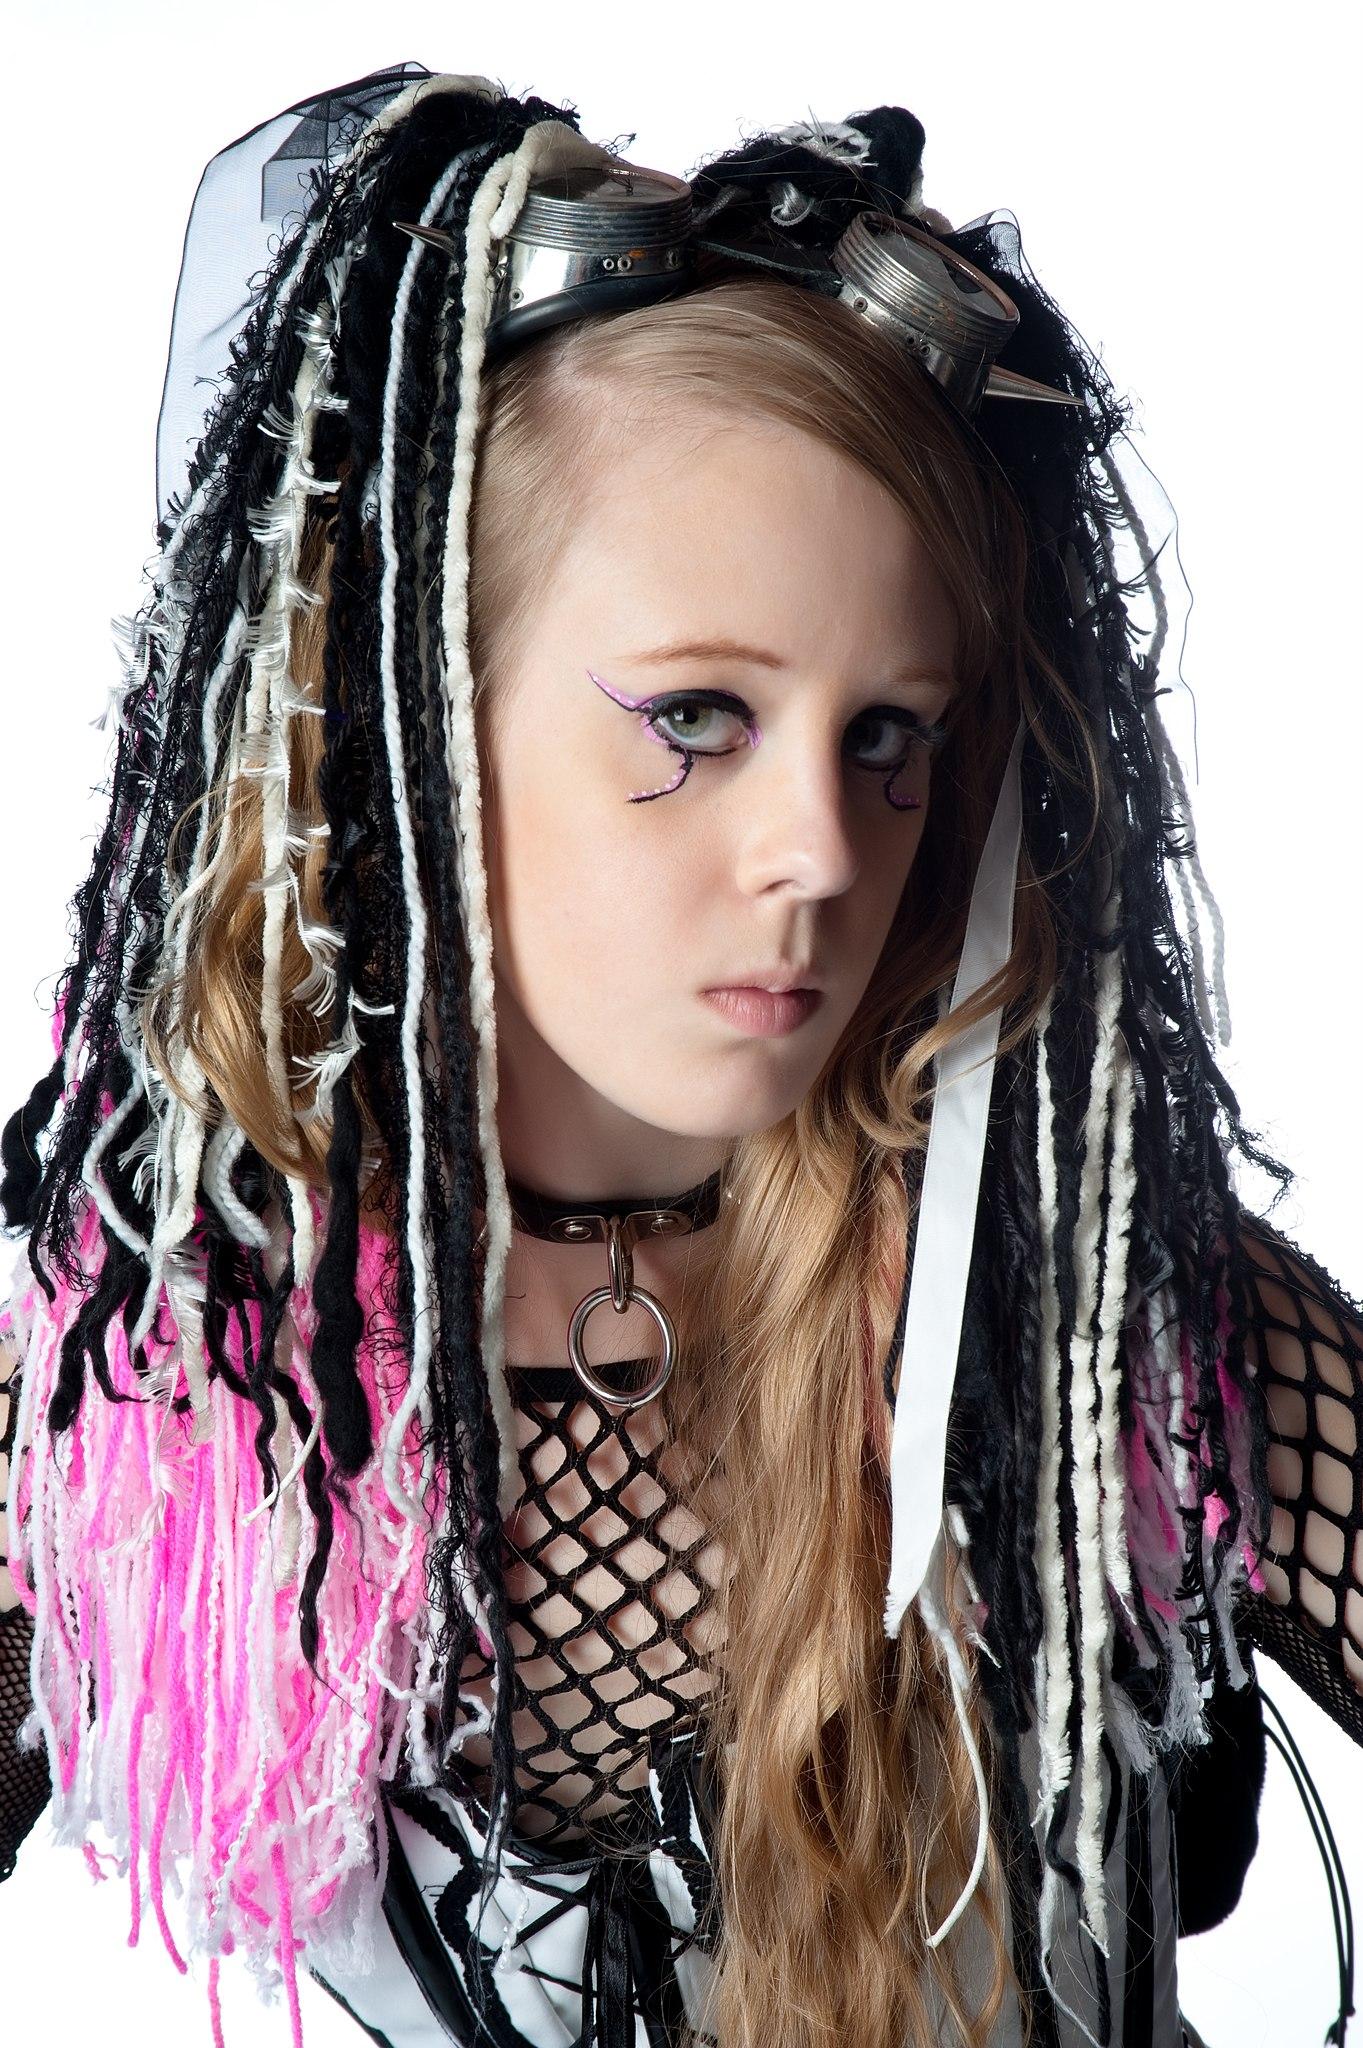 Goth cyber Cyber Goth